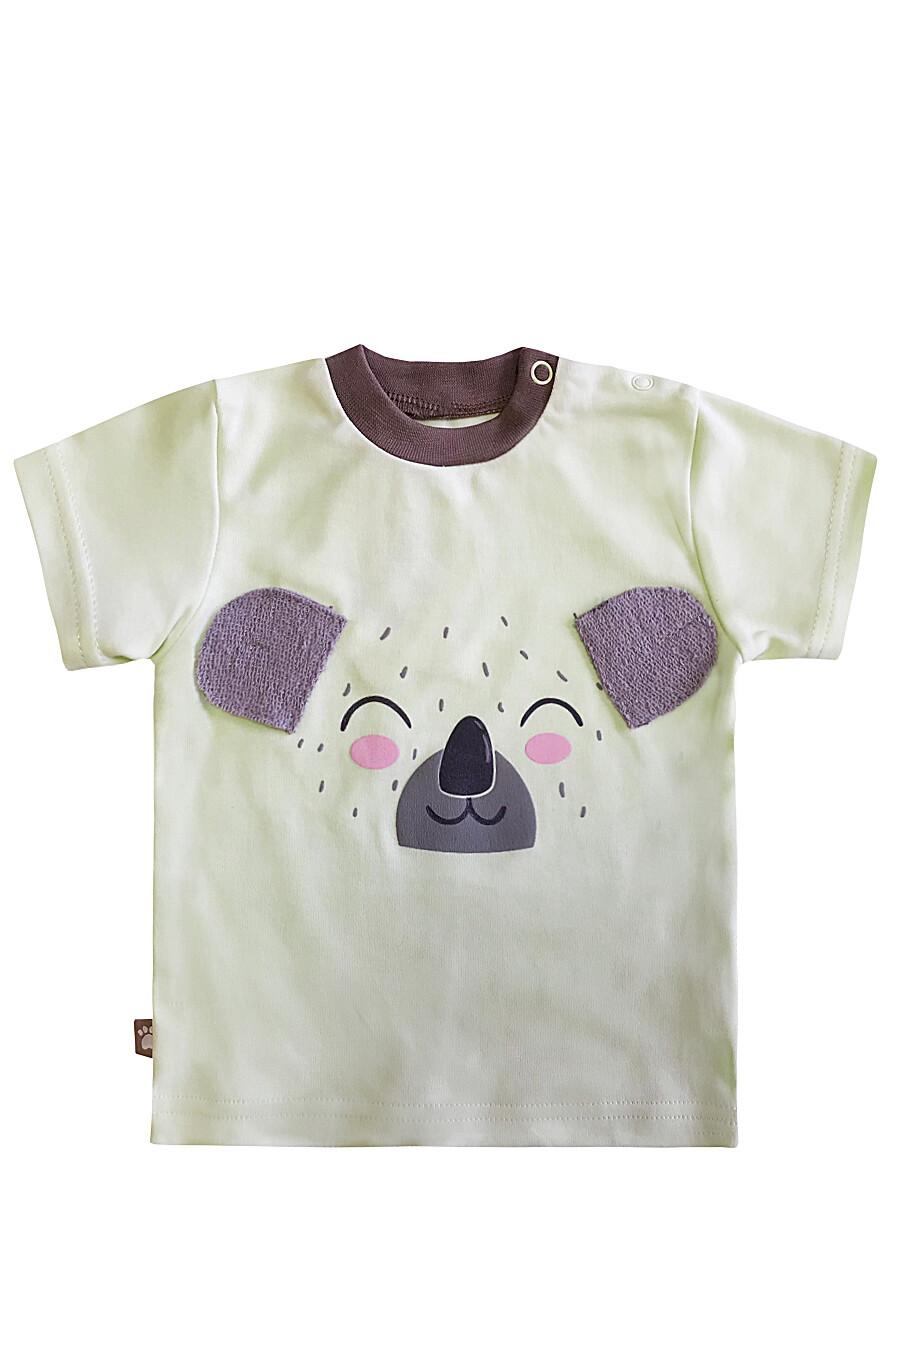 Футболка для девочек КОТМАРКОТ 124048 купить оптом от производителя. Совместная покупка детской одежды в OptMoyo